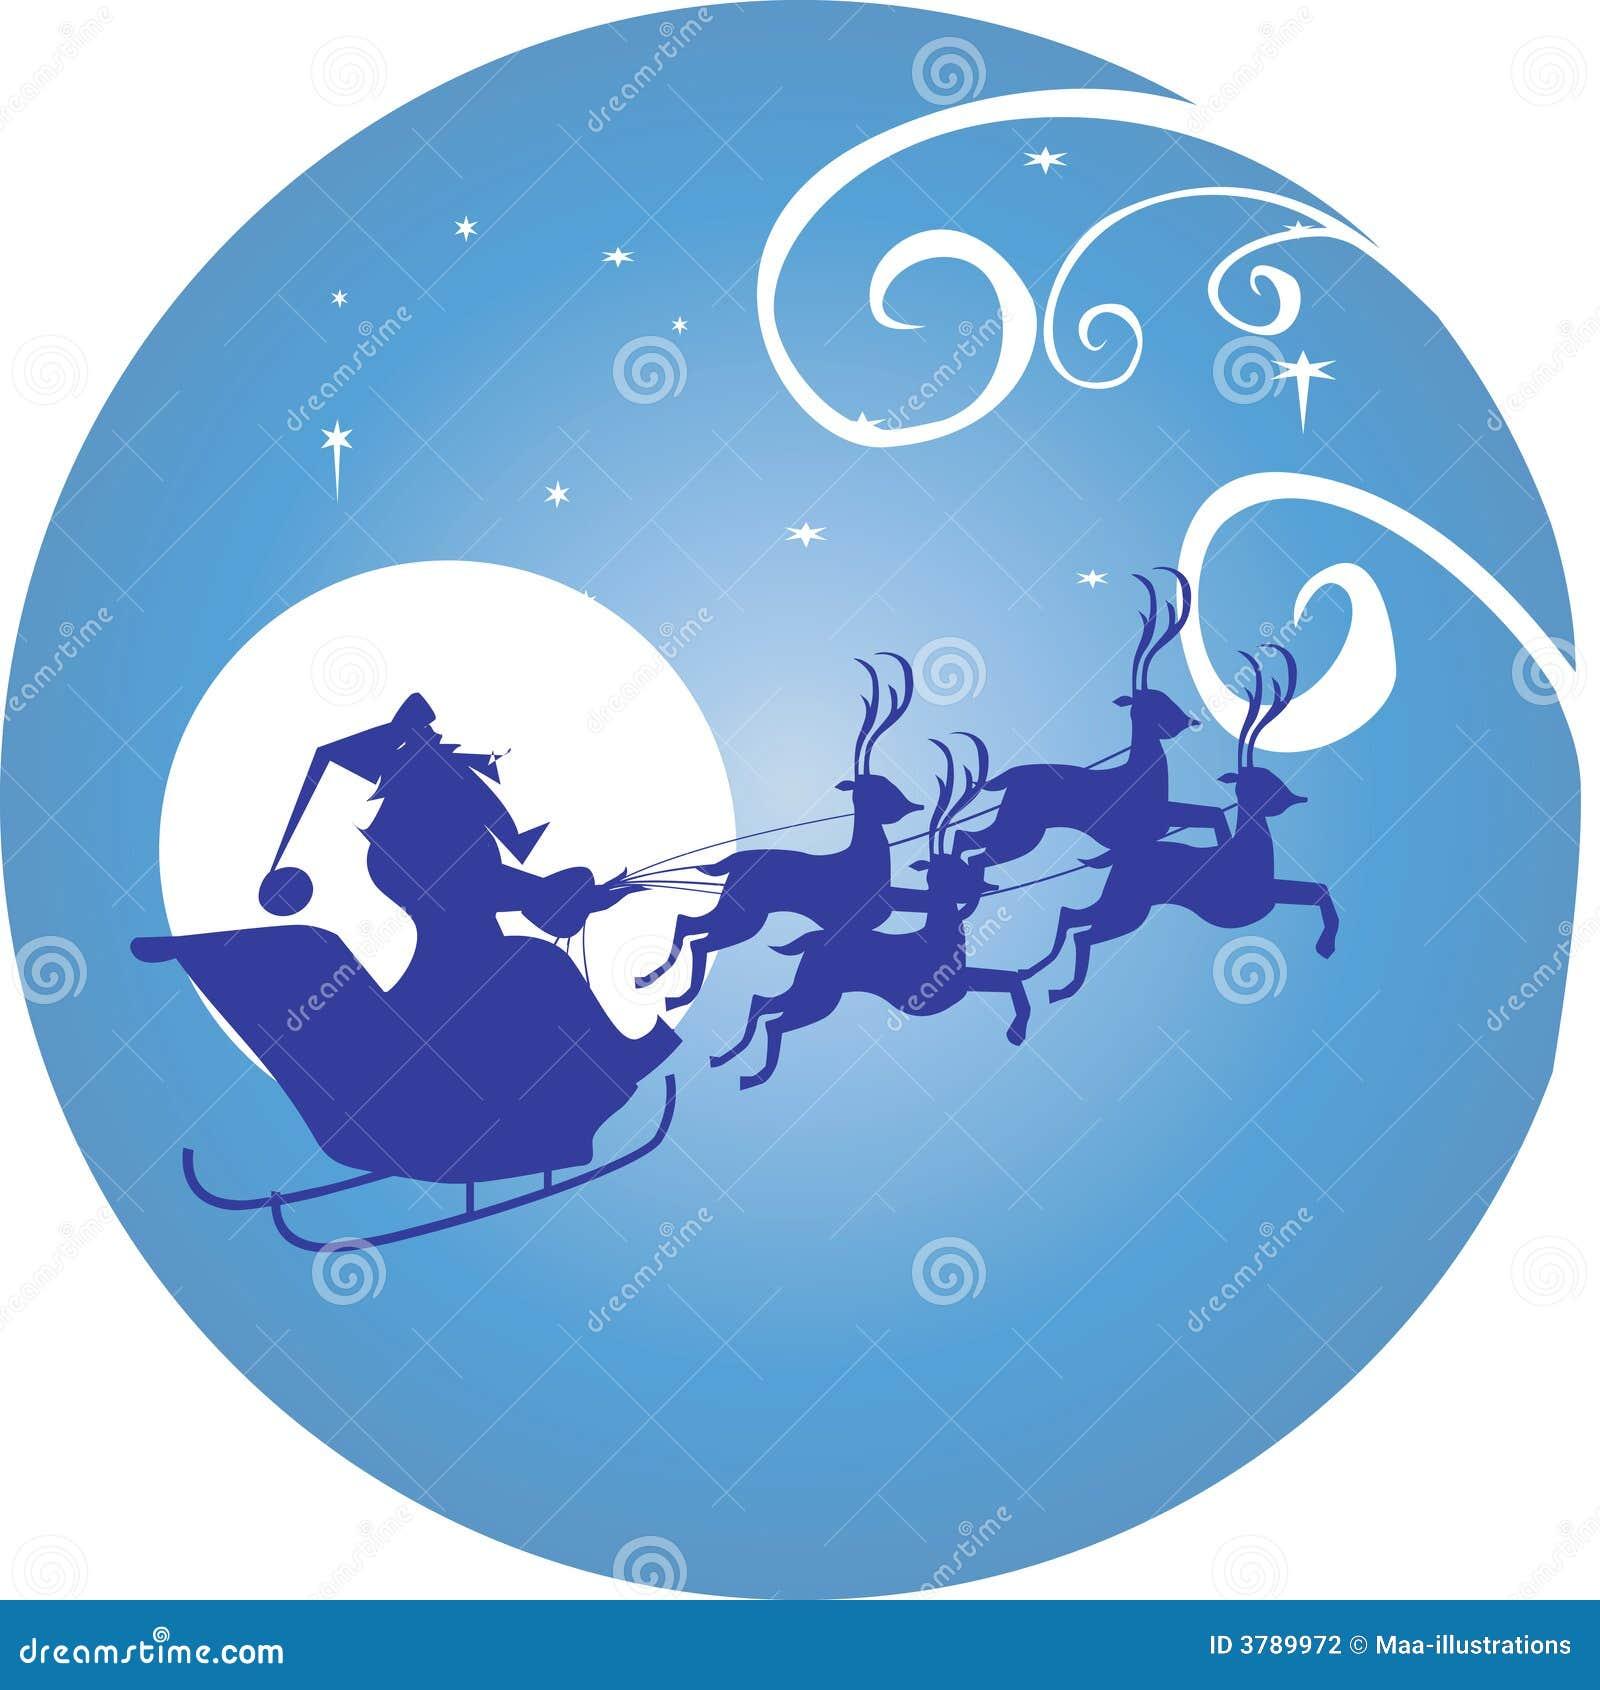 Moon and Santa clause